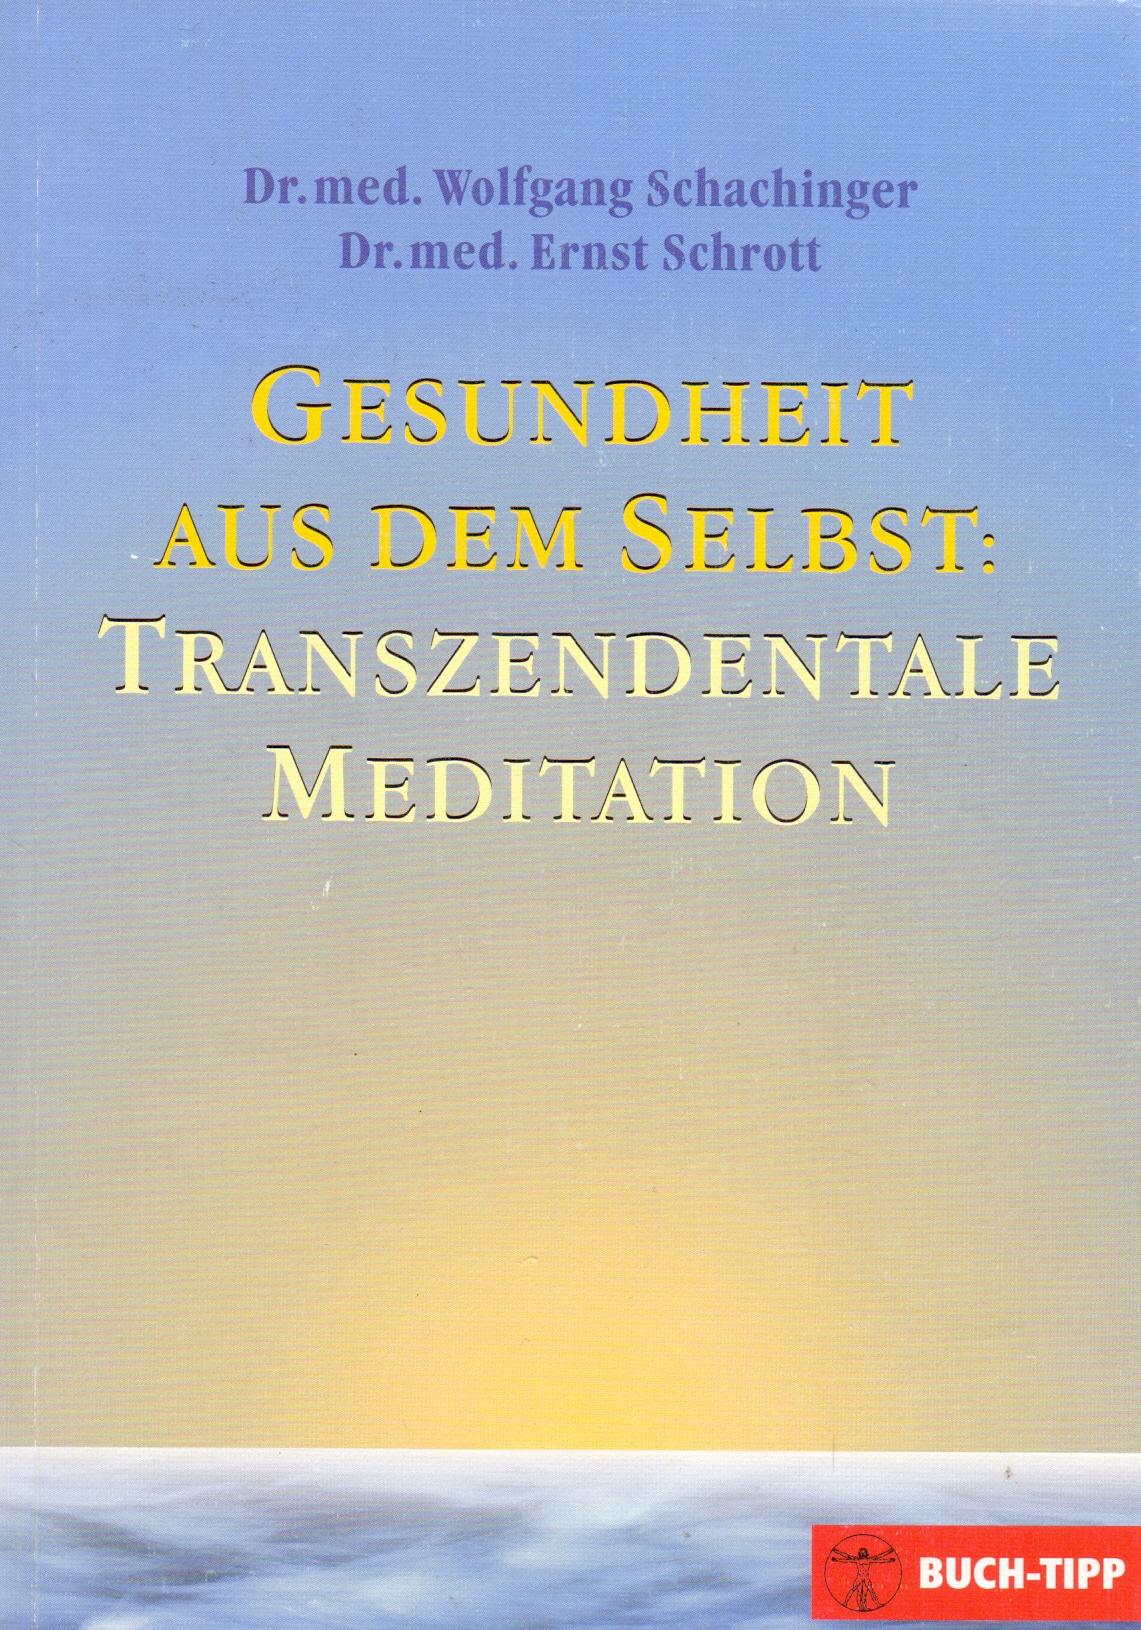 Gesundheit aus dem Selbst: Transzendentale Meditation - Wolfgang Schachinger [Taschenbuch, 4. Auflage 2005]